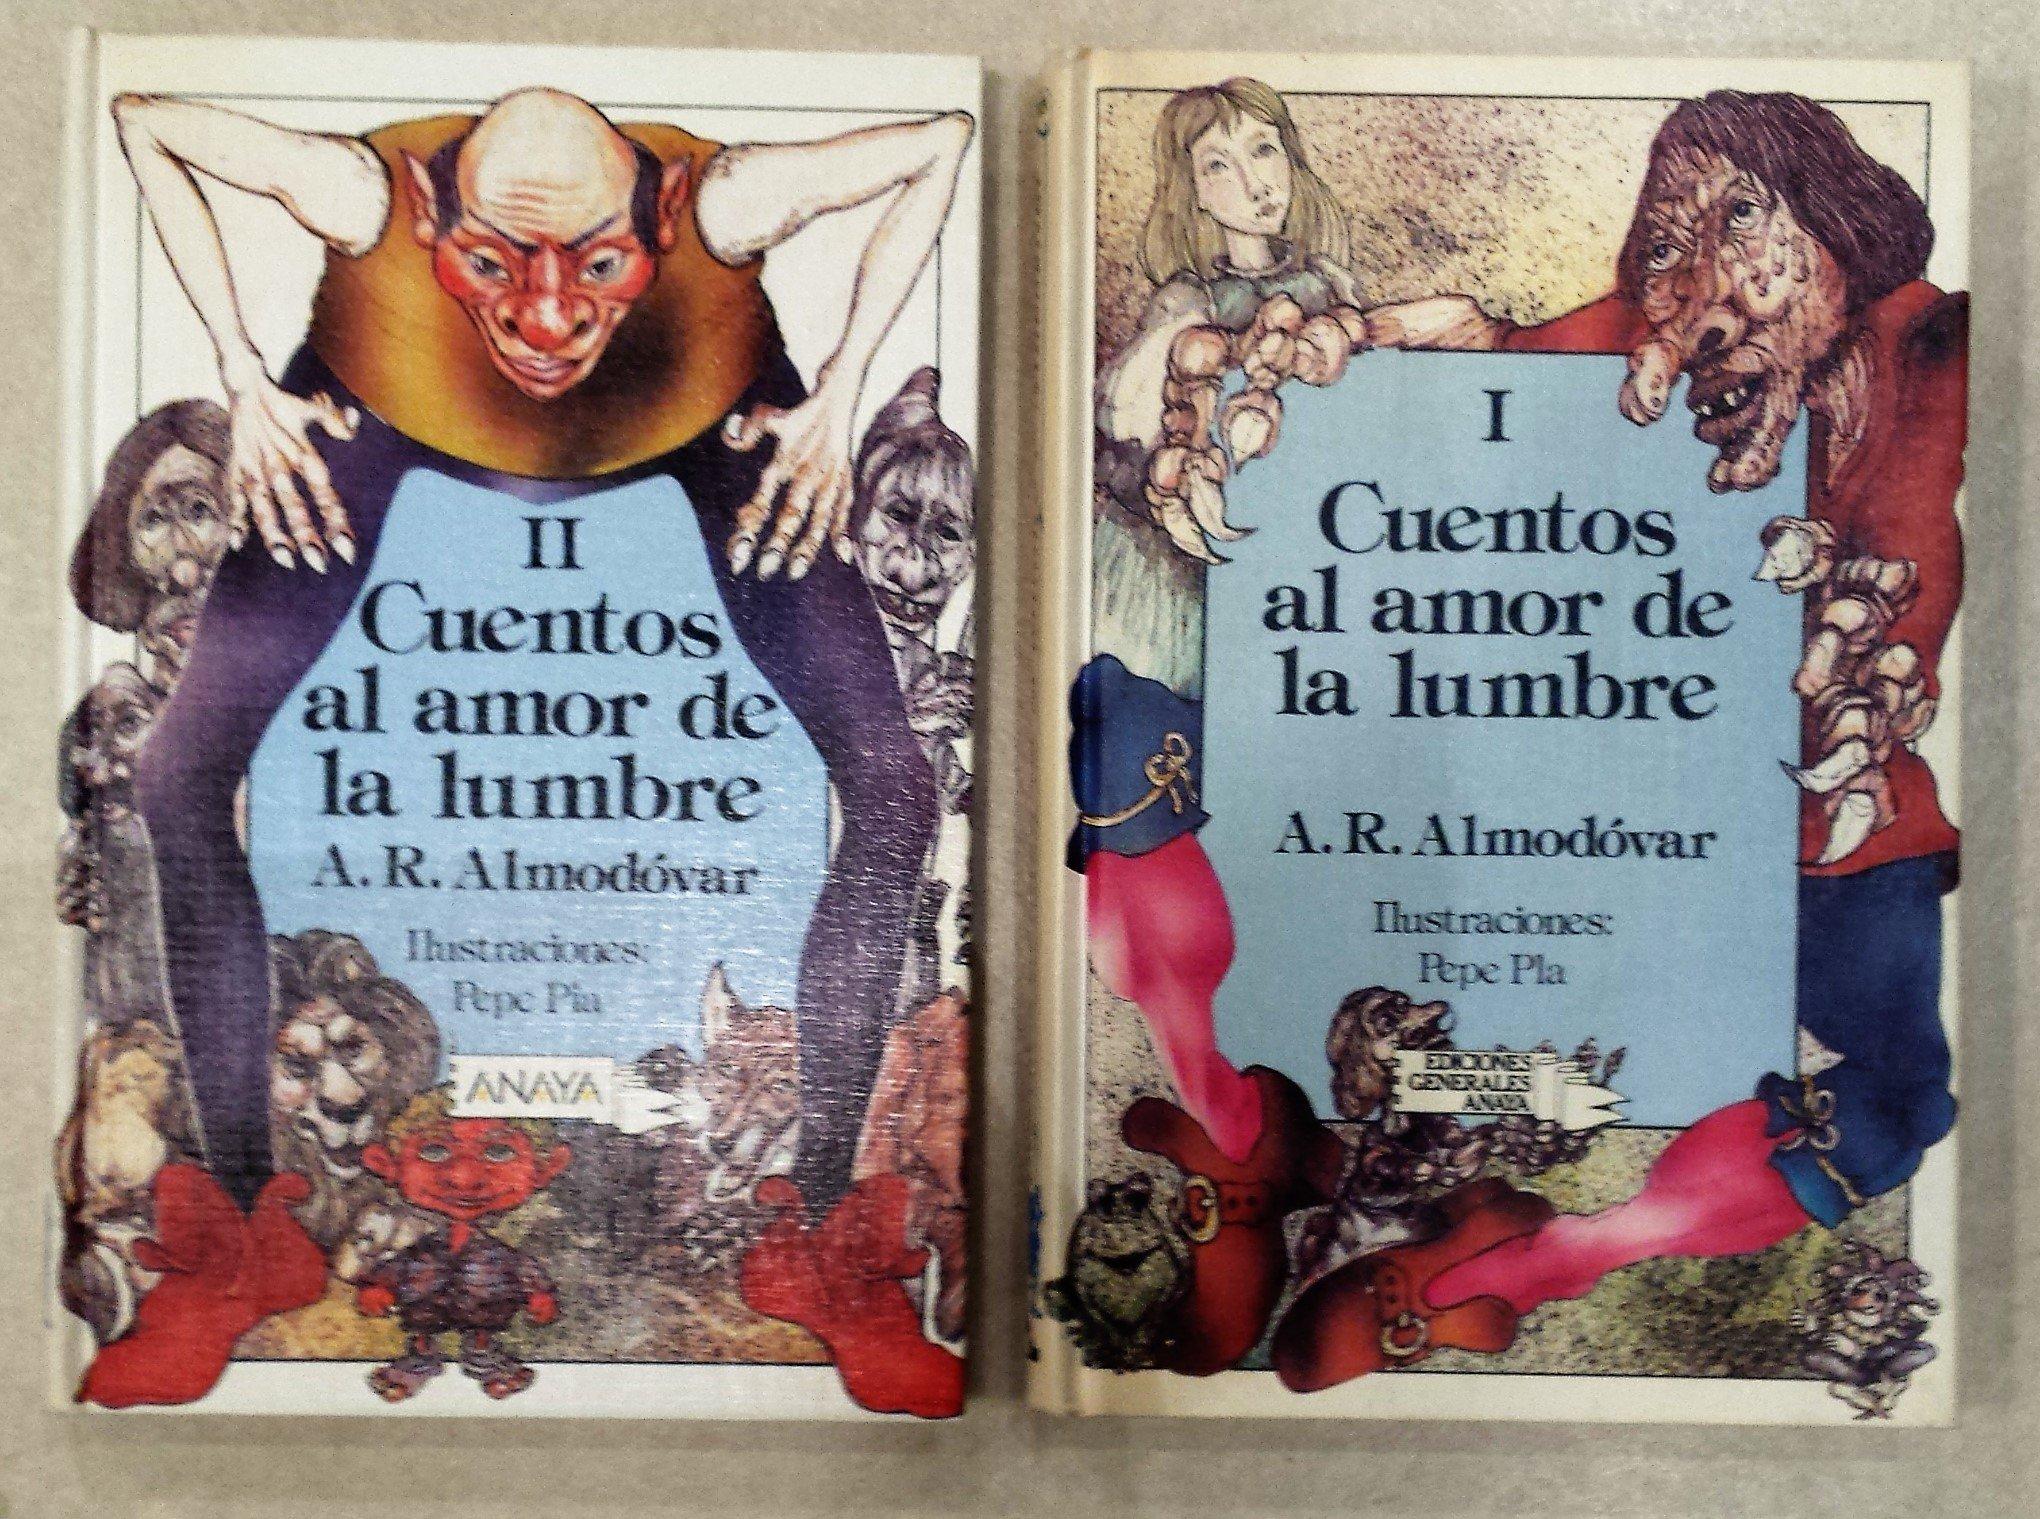 Cuentos al amor de la lumbre: Amazon.es: Antonio Rodriguez Almodovar: Libros